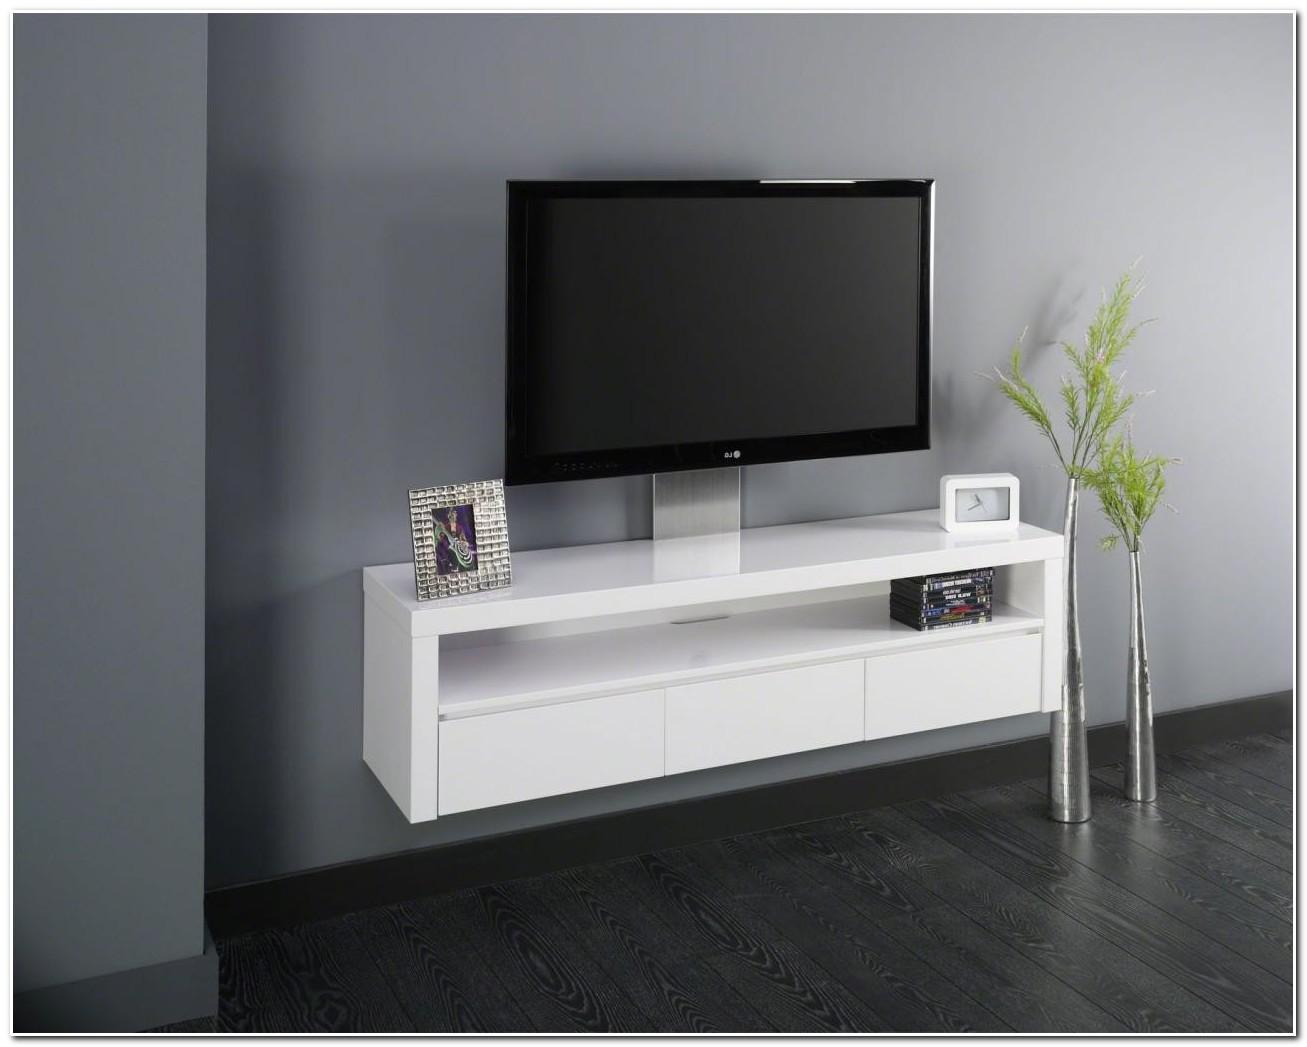 Meuble Tv Colonne Ikea meuble salon blanc laqué ikea - meuble : idées de décoration